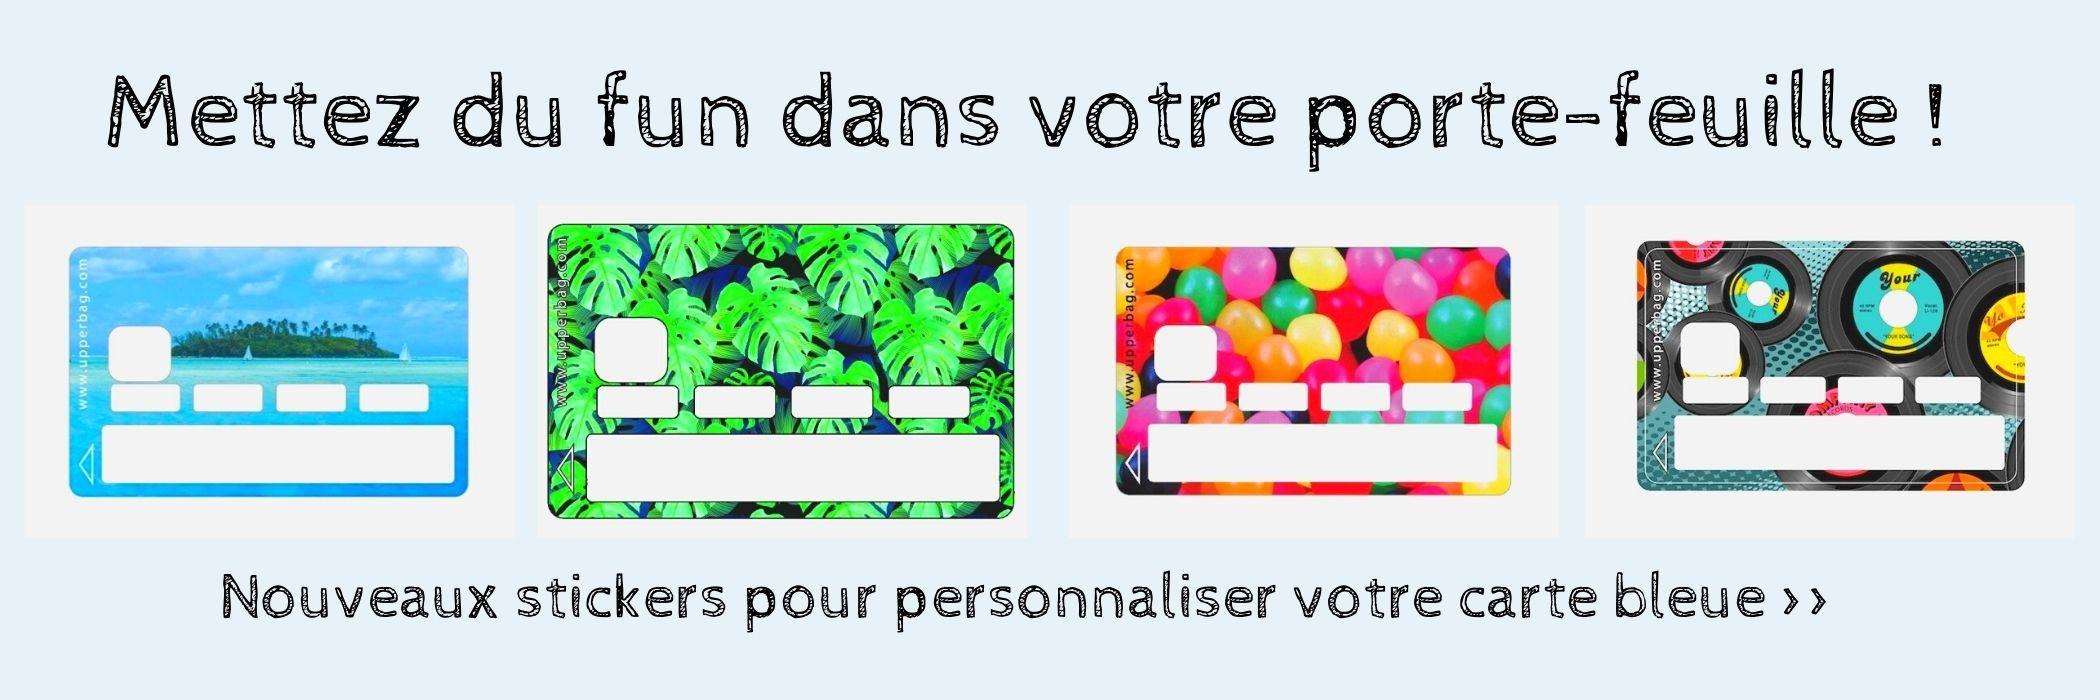 Découvrez nos stickers pour personnaliser votre carte bleue - nouveaux modèles